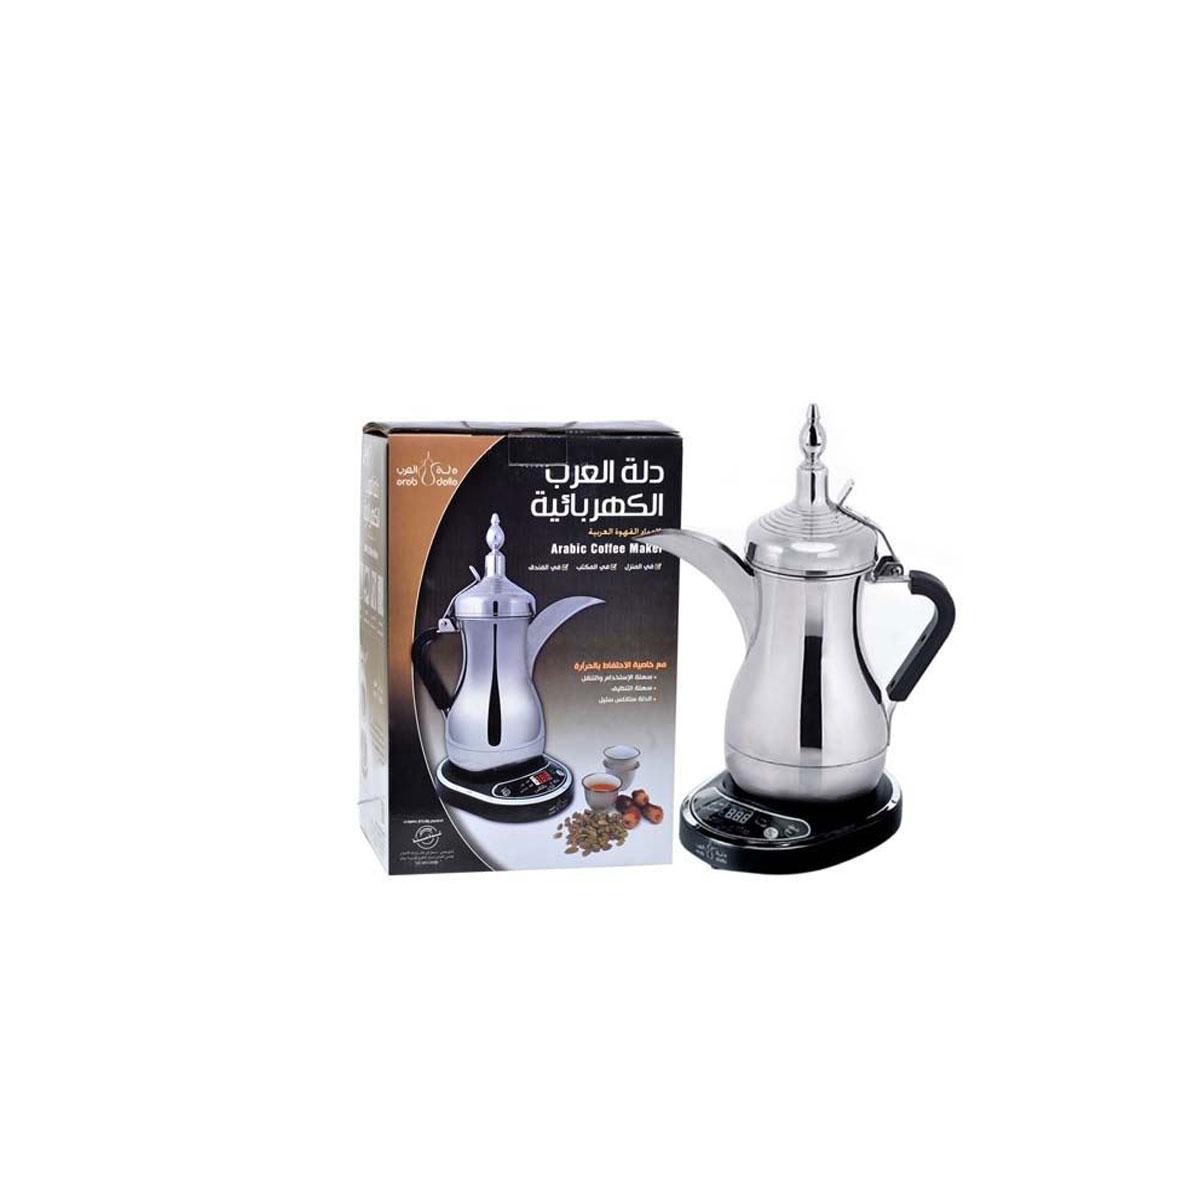 دلة العرب - صانعة القهوة العربية الكهربائية - 800 مل - 1000 واط